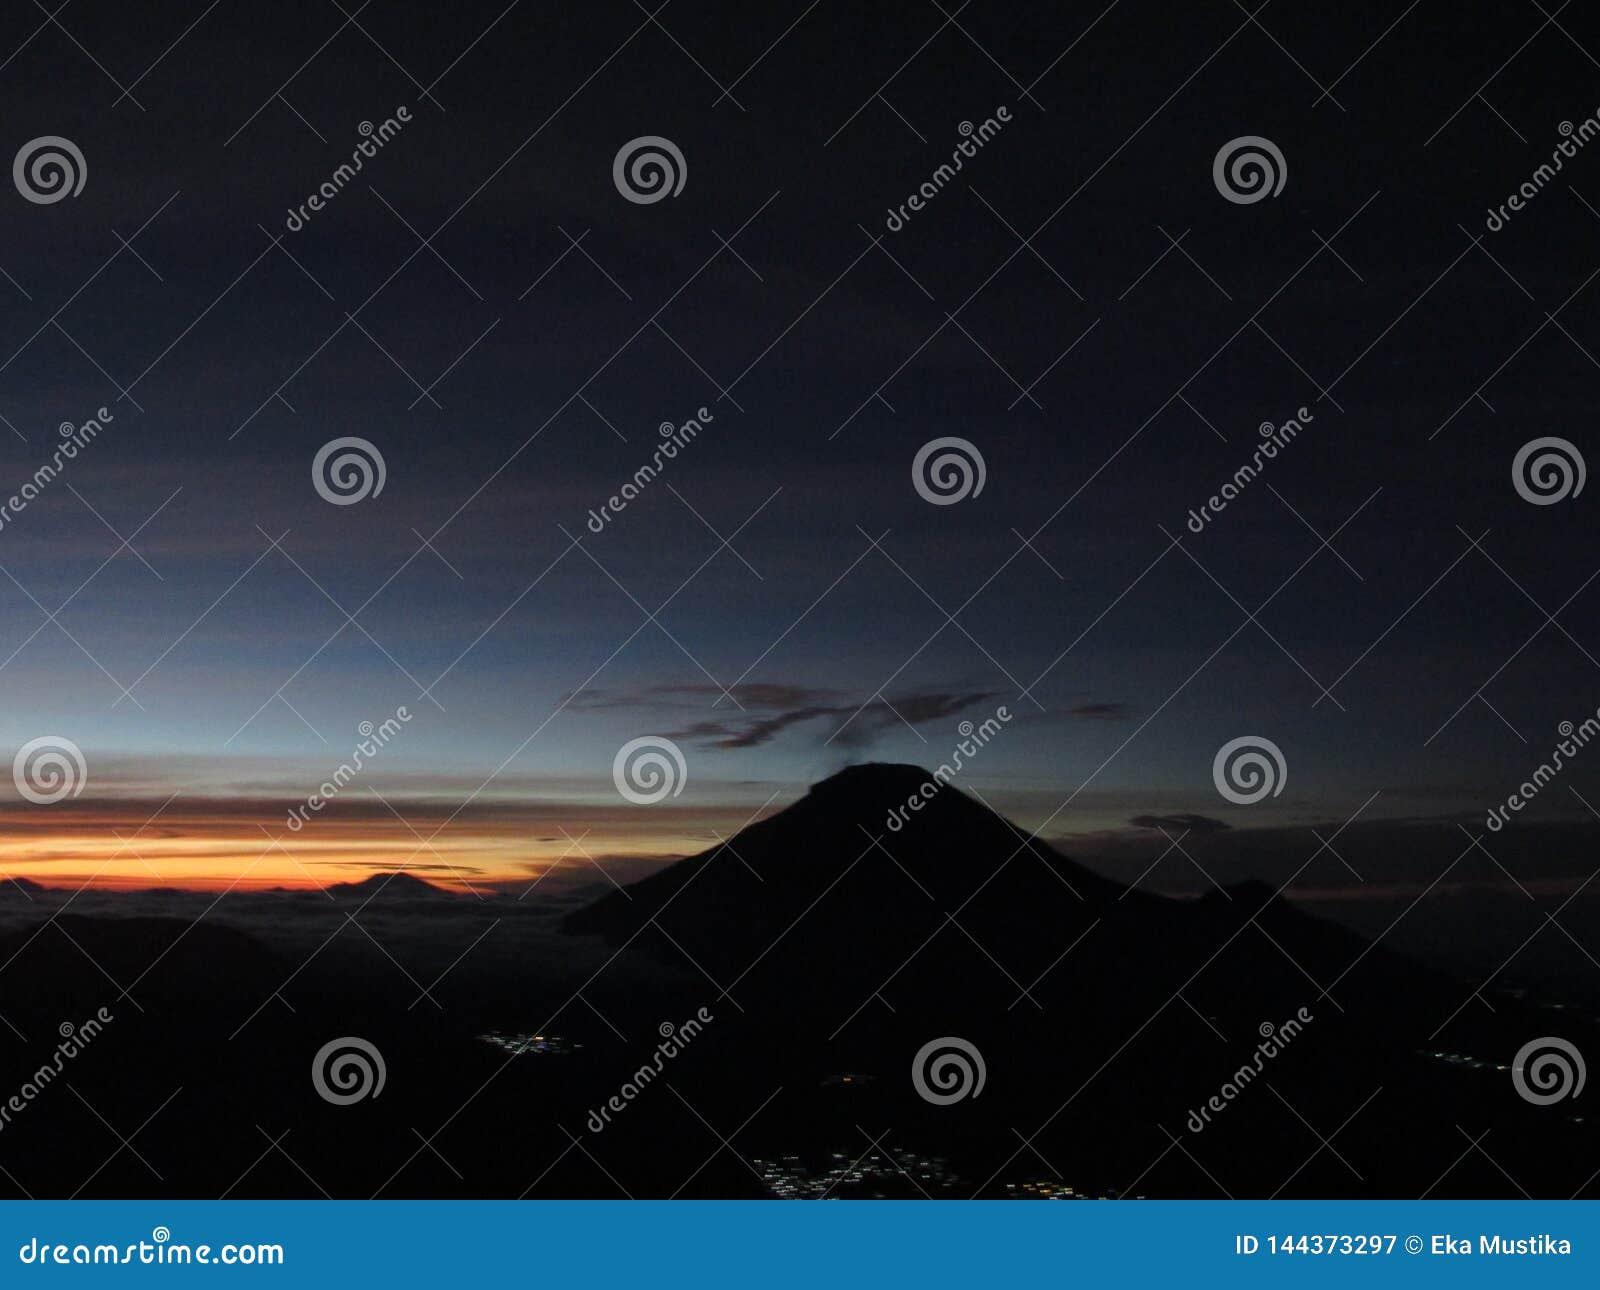 Magic colour of the sun rise